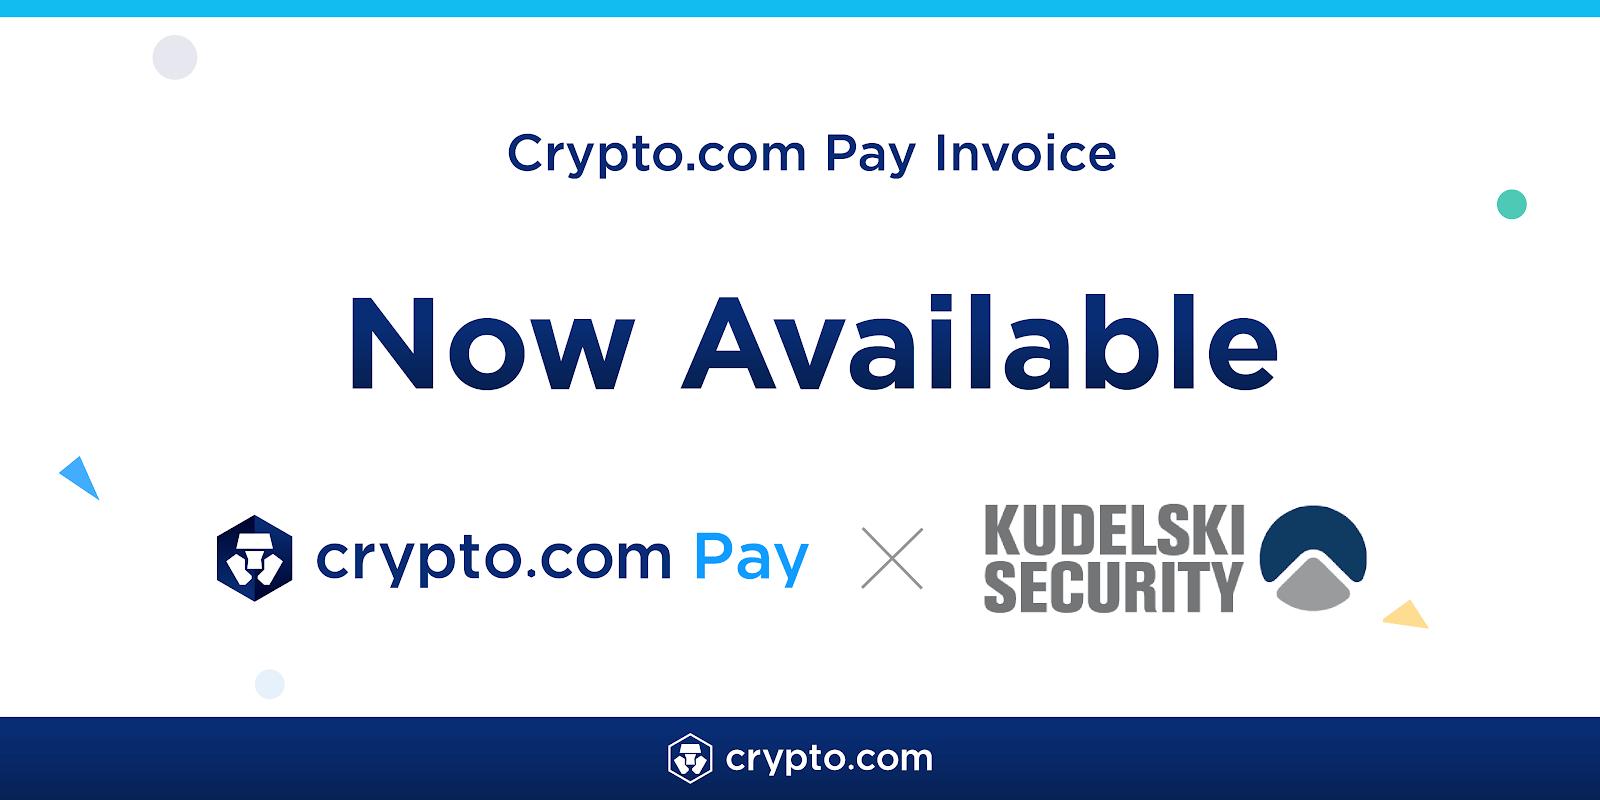 crypto.com pay